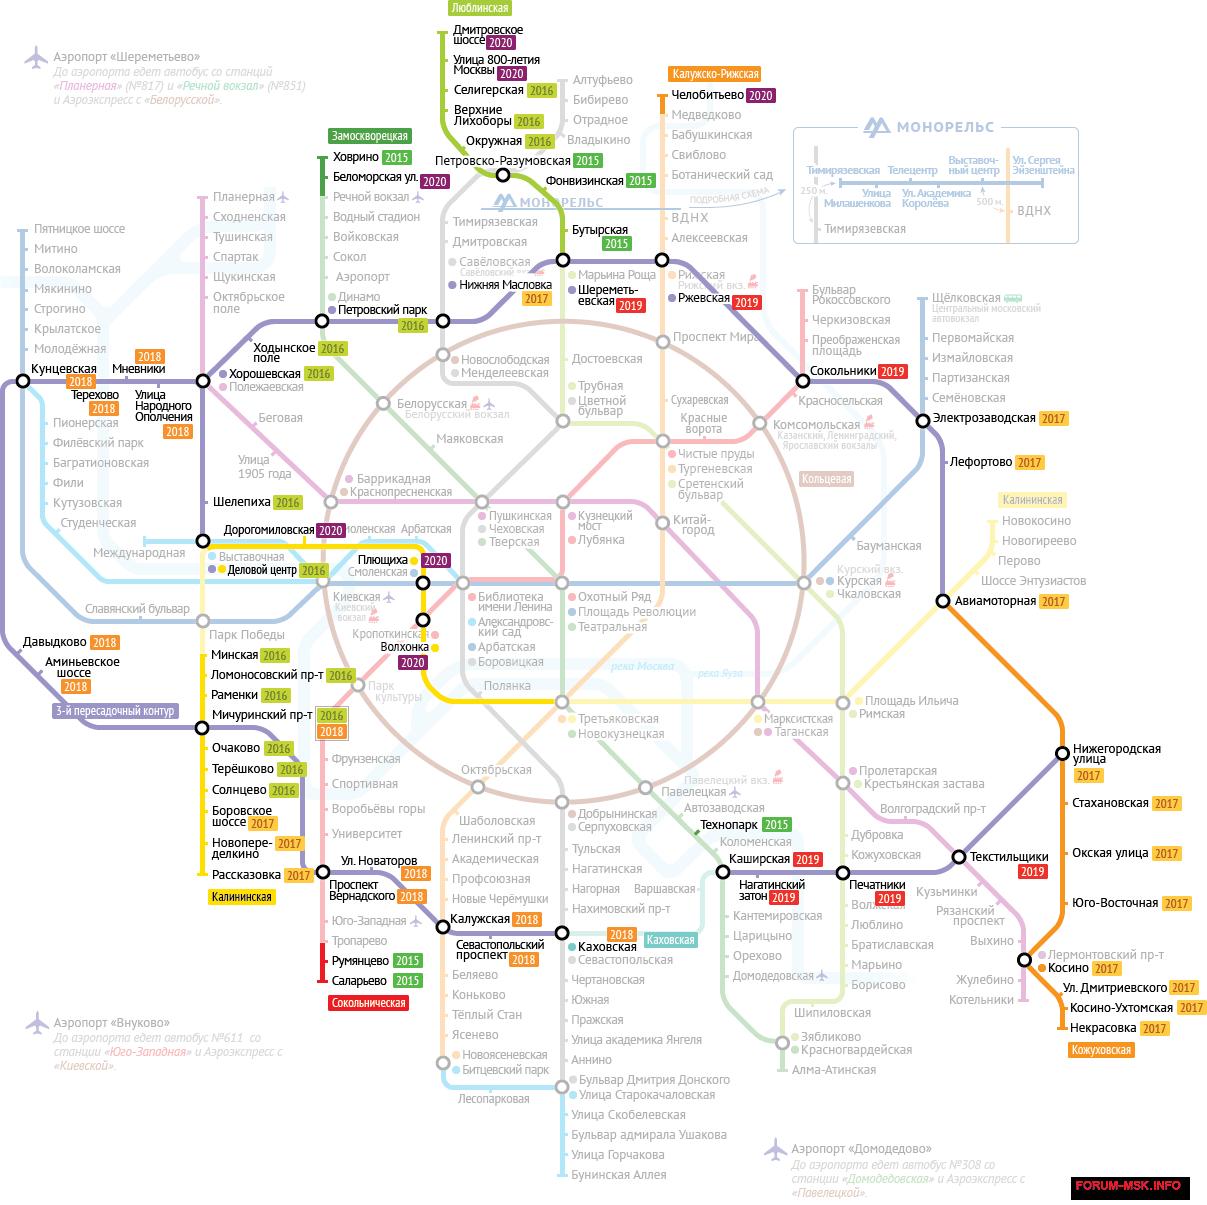 Metro_map_2020.png